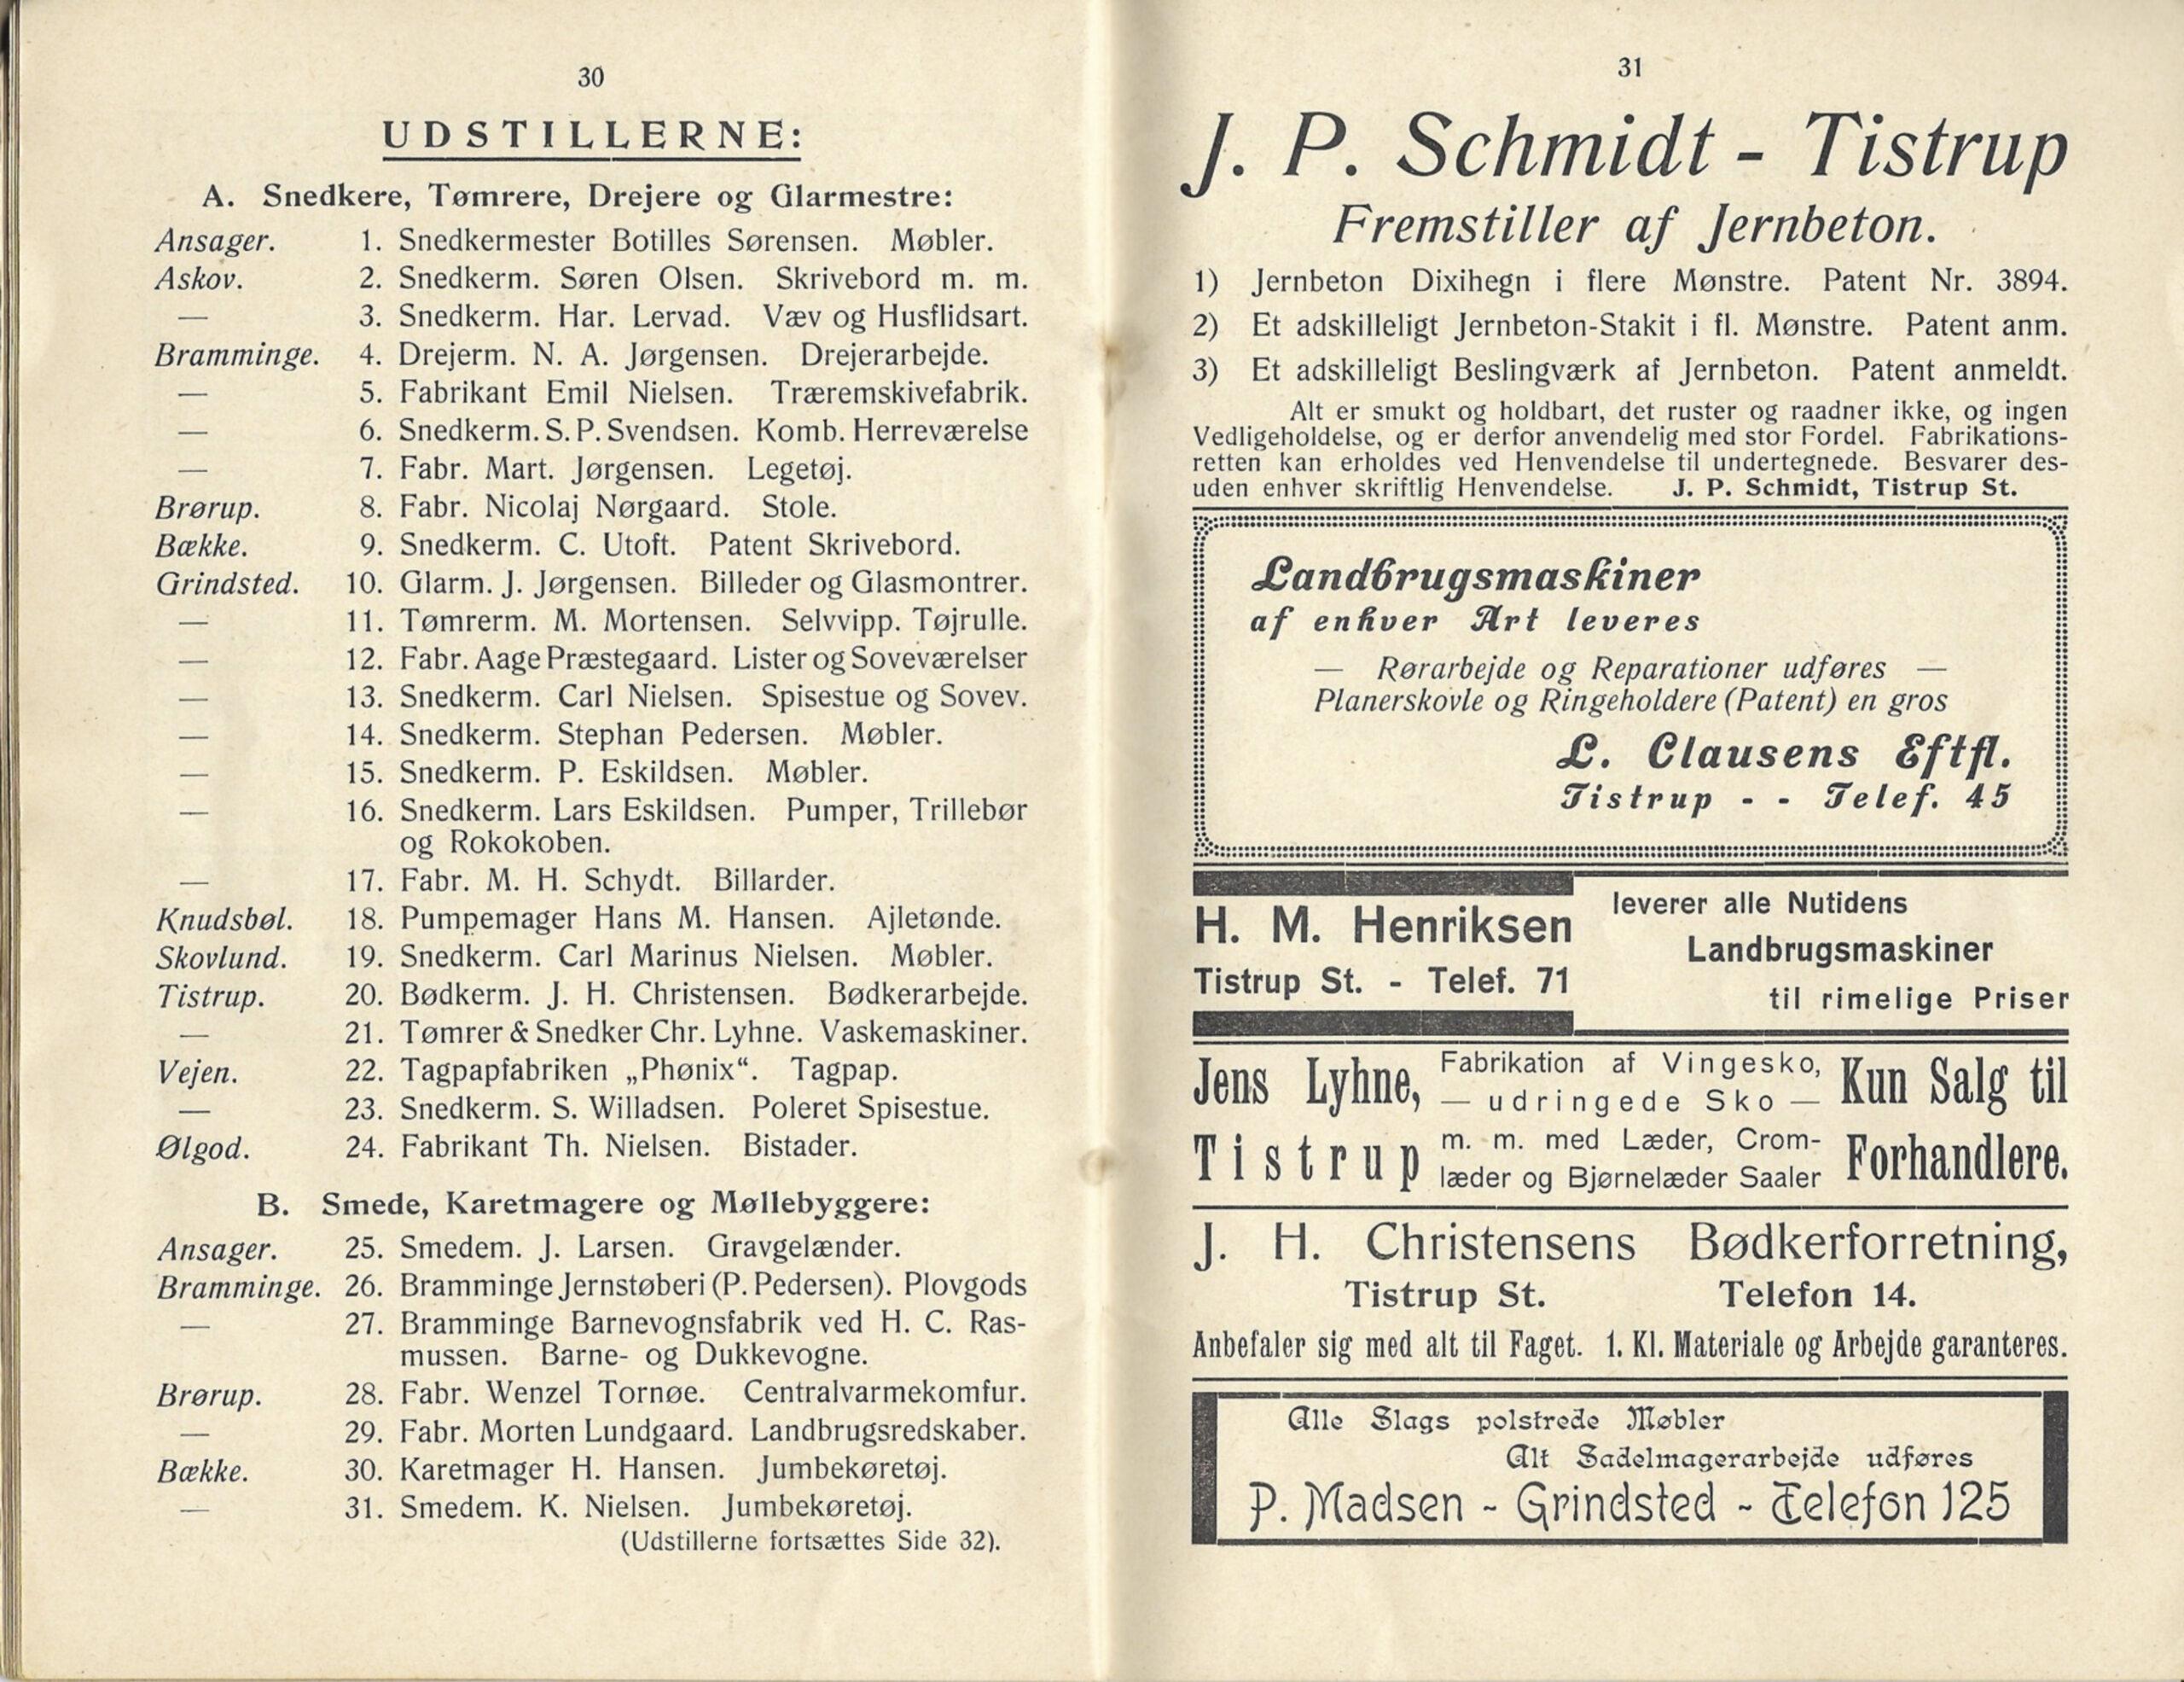 Midtjysk-udstilling-1926-17-scaled